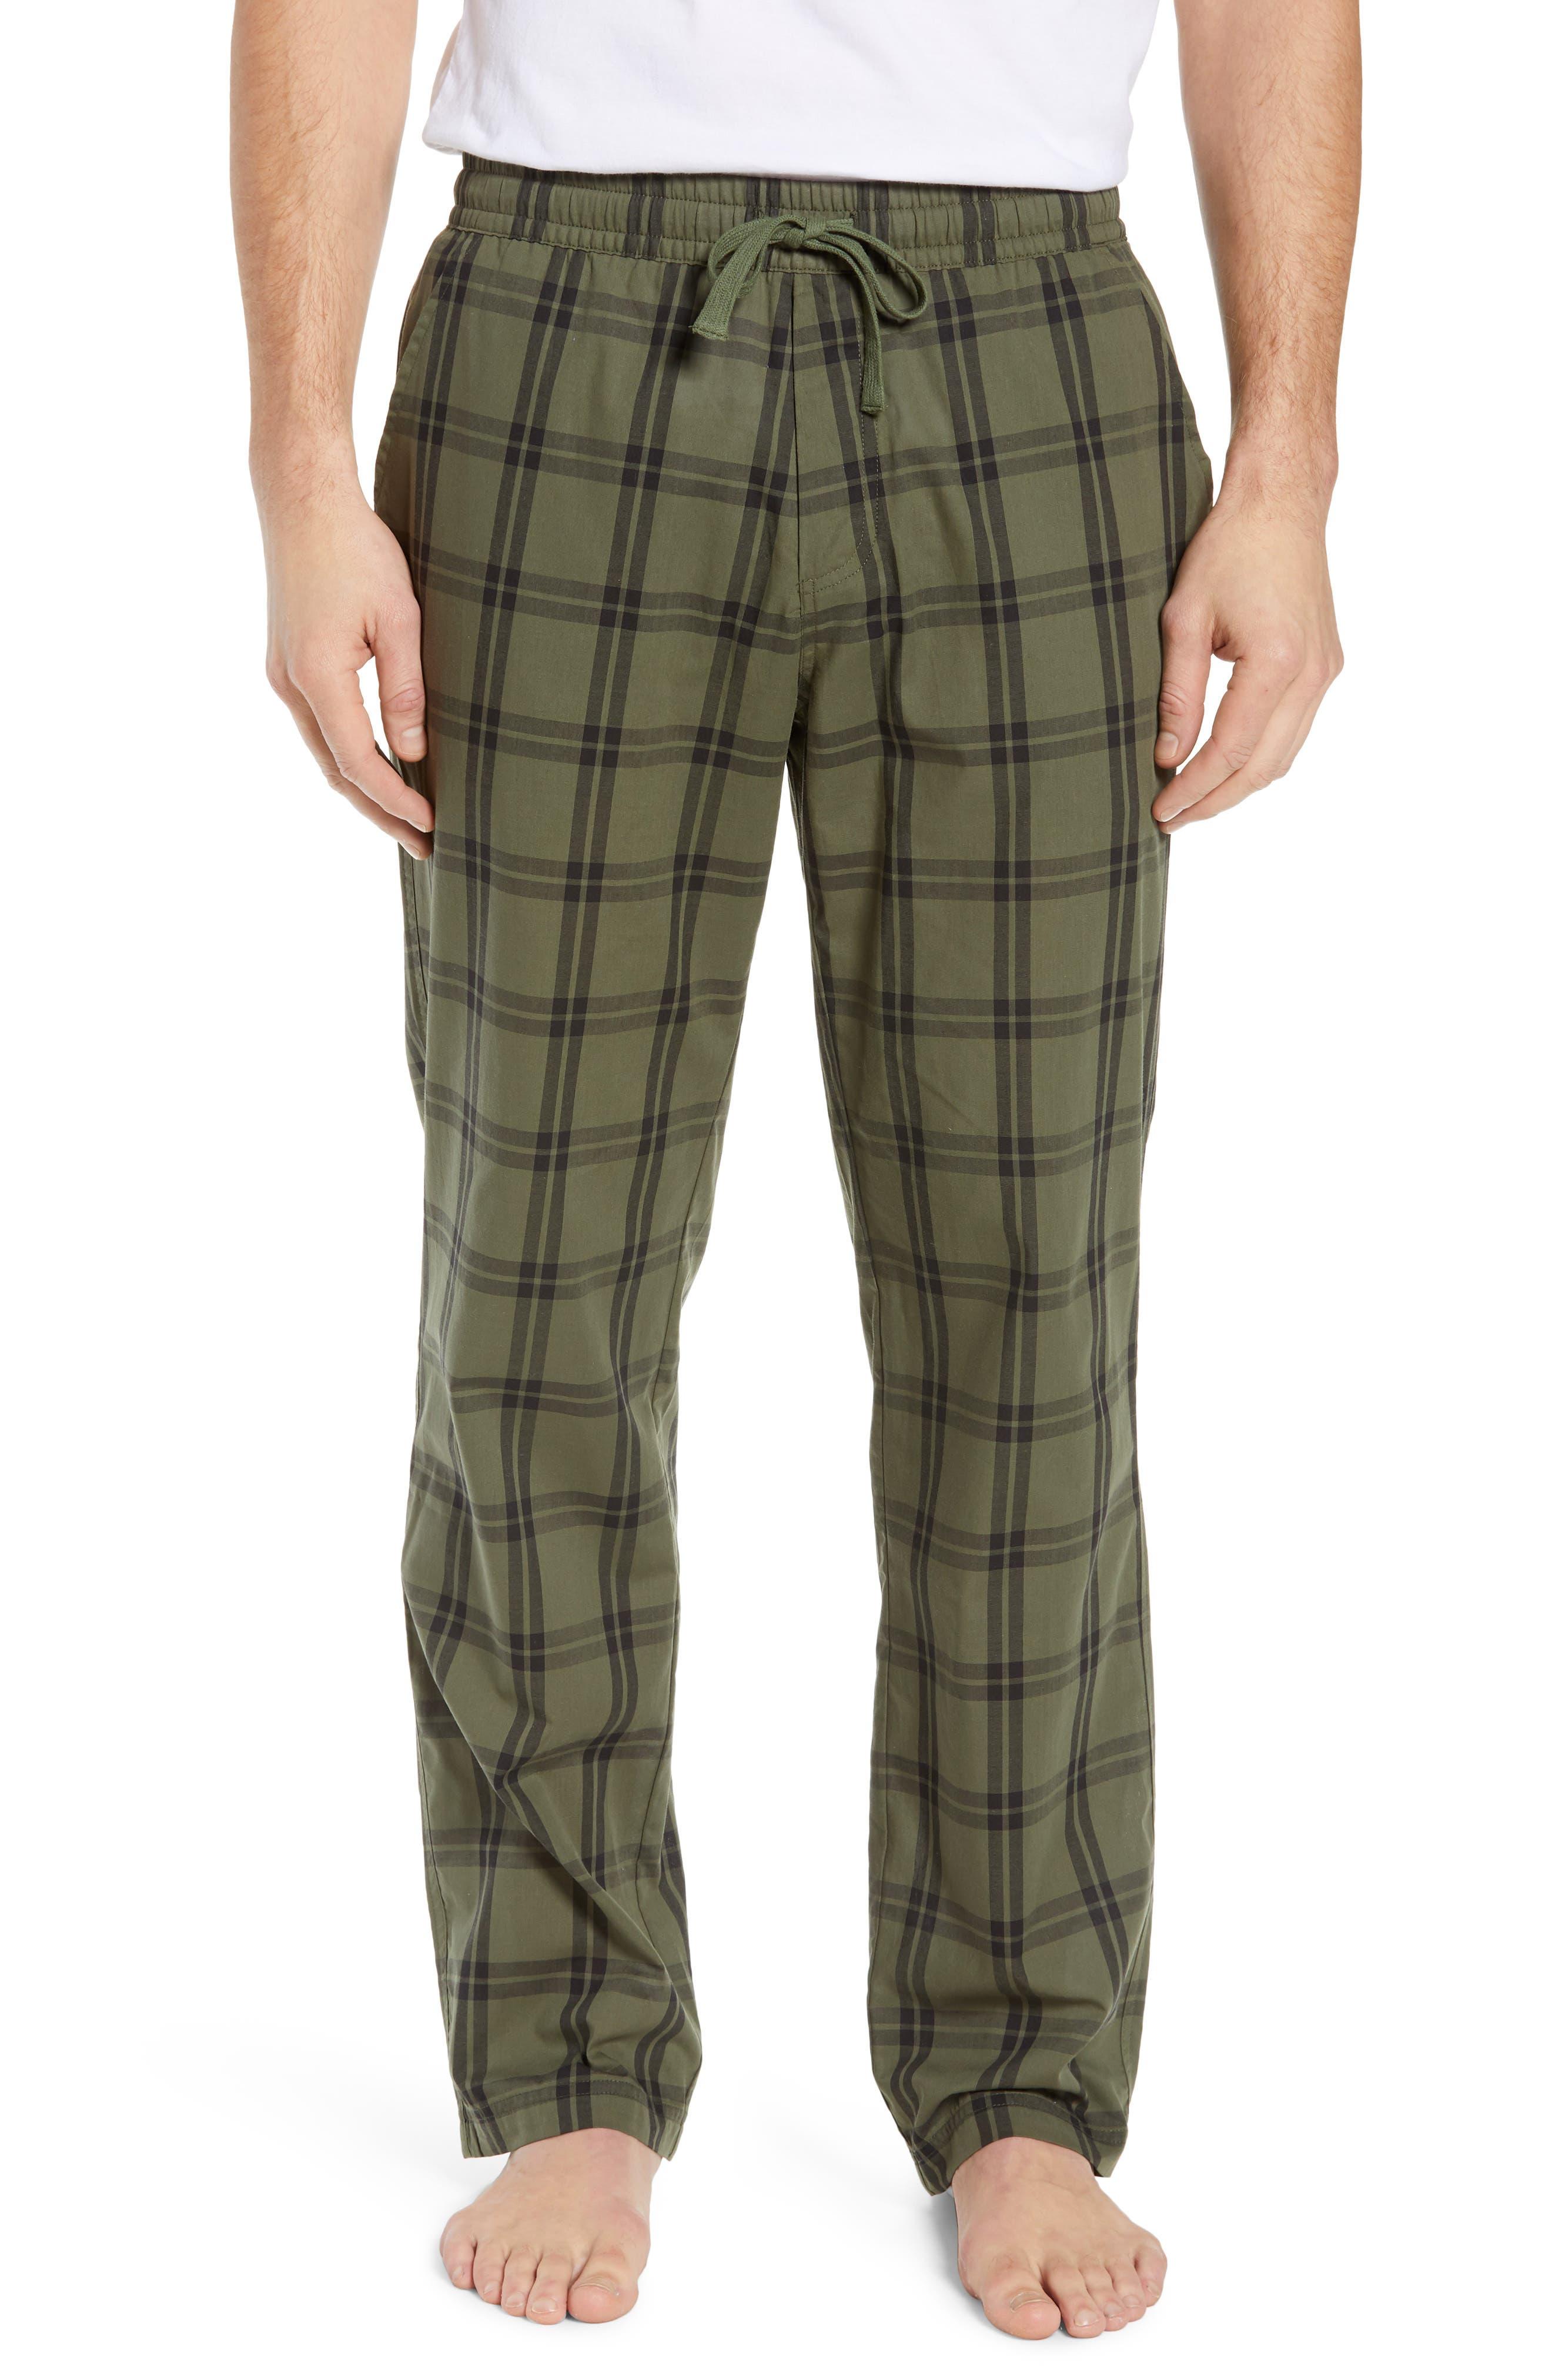 UGG<SUP>®</SUP>, Flynn Pajama Pants, Main thumbnail 1, color, CACTUS